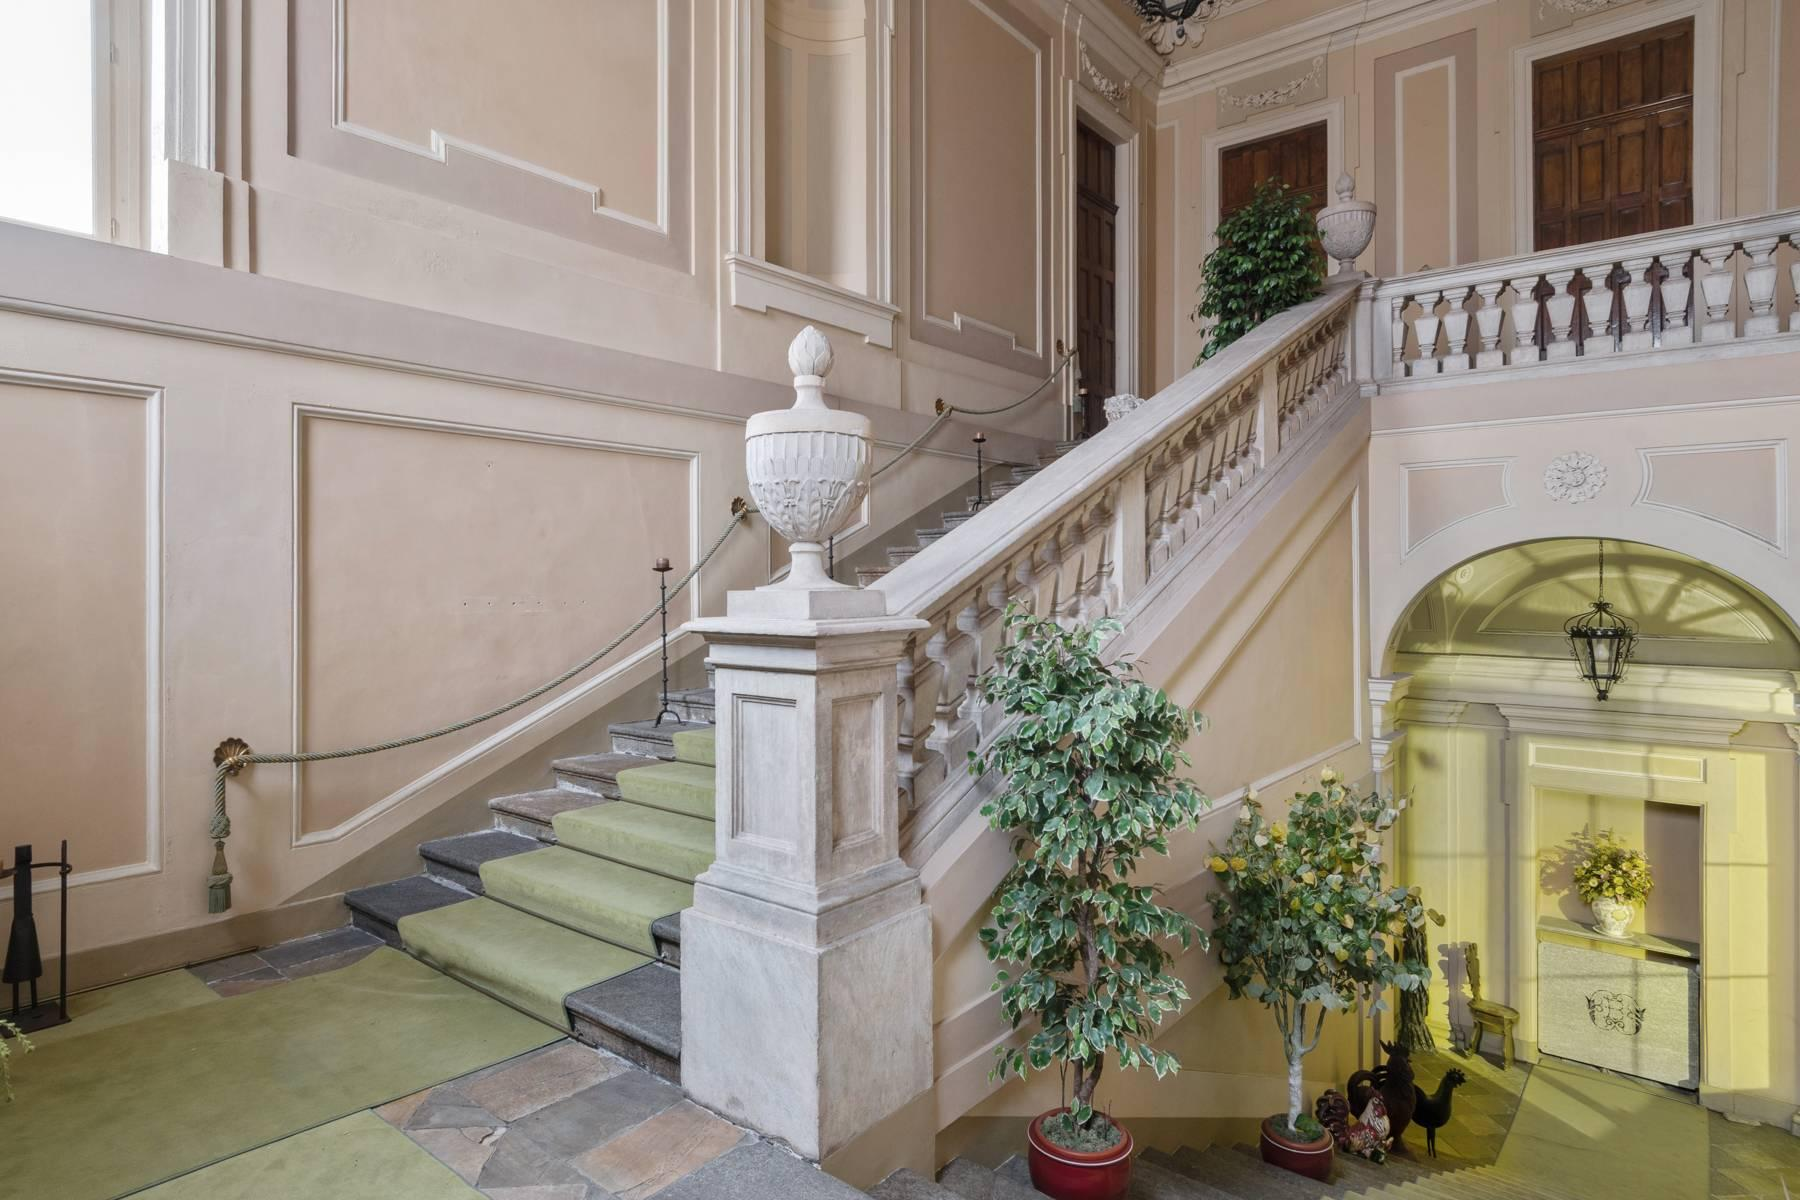 Luxus-Wohnung im historischen Palast - 2